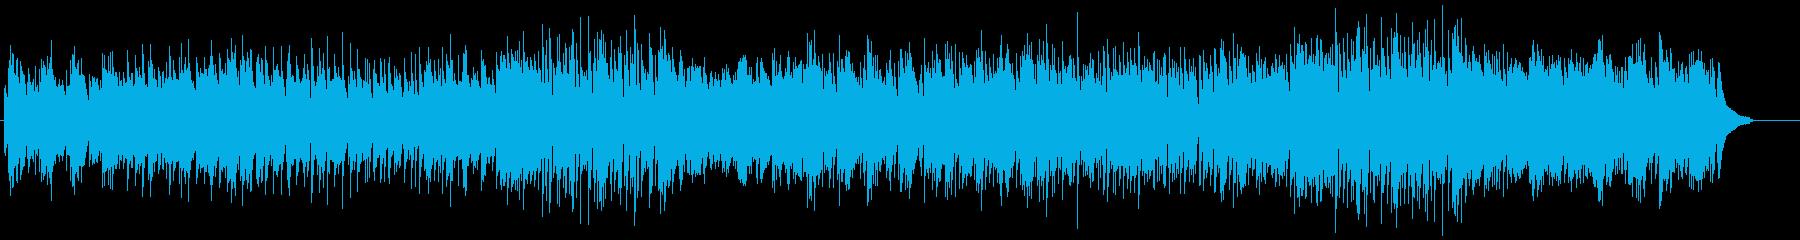 アジアン、和風なピアノとアンサンブルの再生済みの波形